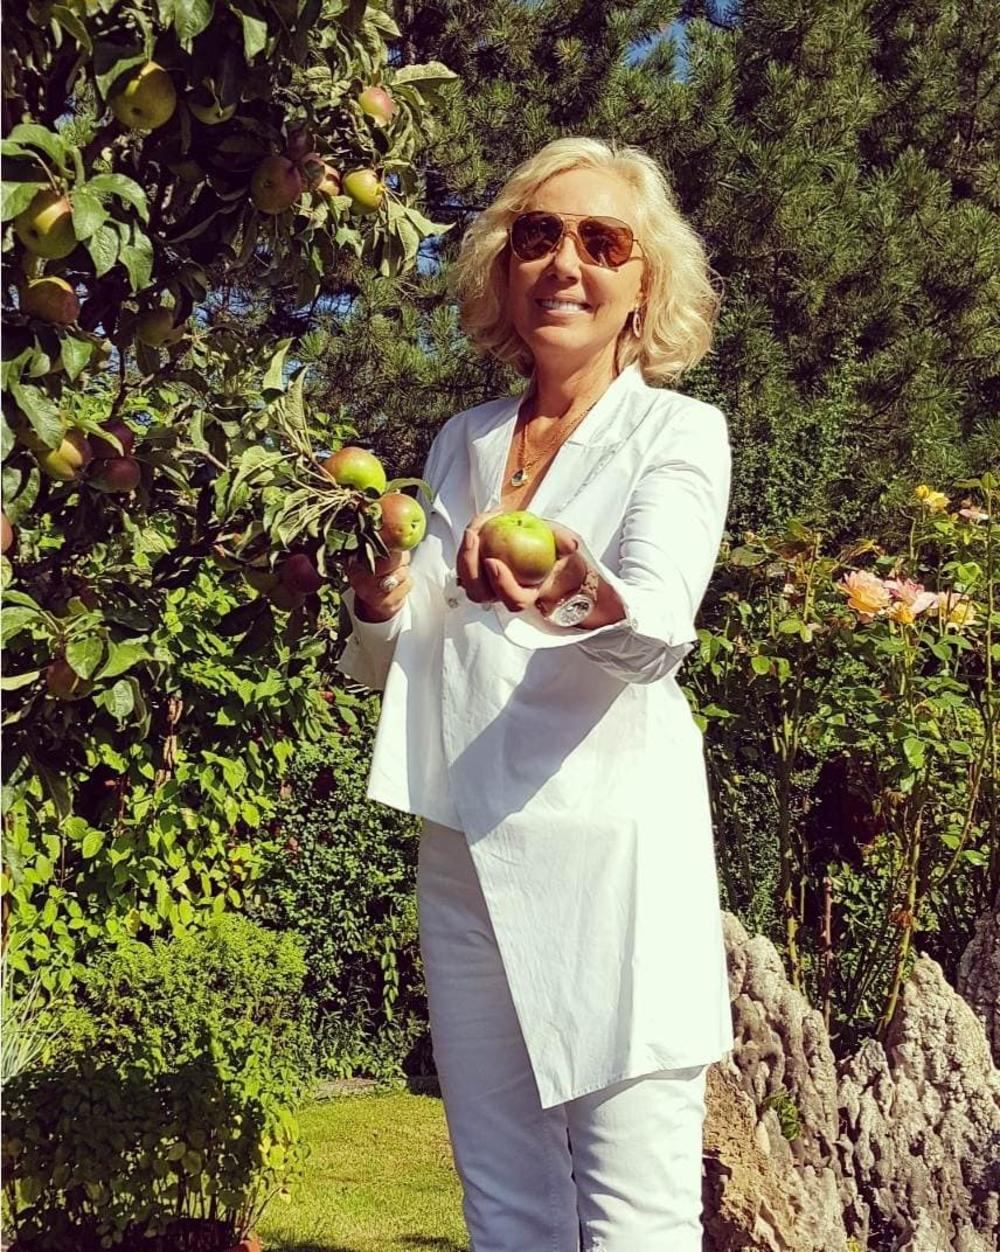 BRENA JOŠ NIJE OTIŠLA NA ČUVENO KRSTARENJE S DRUGARICAMA! Bacila se na voćarstvo: Gajim jabuke i delim ih komšijama! (FOTO)